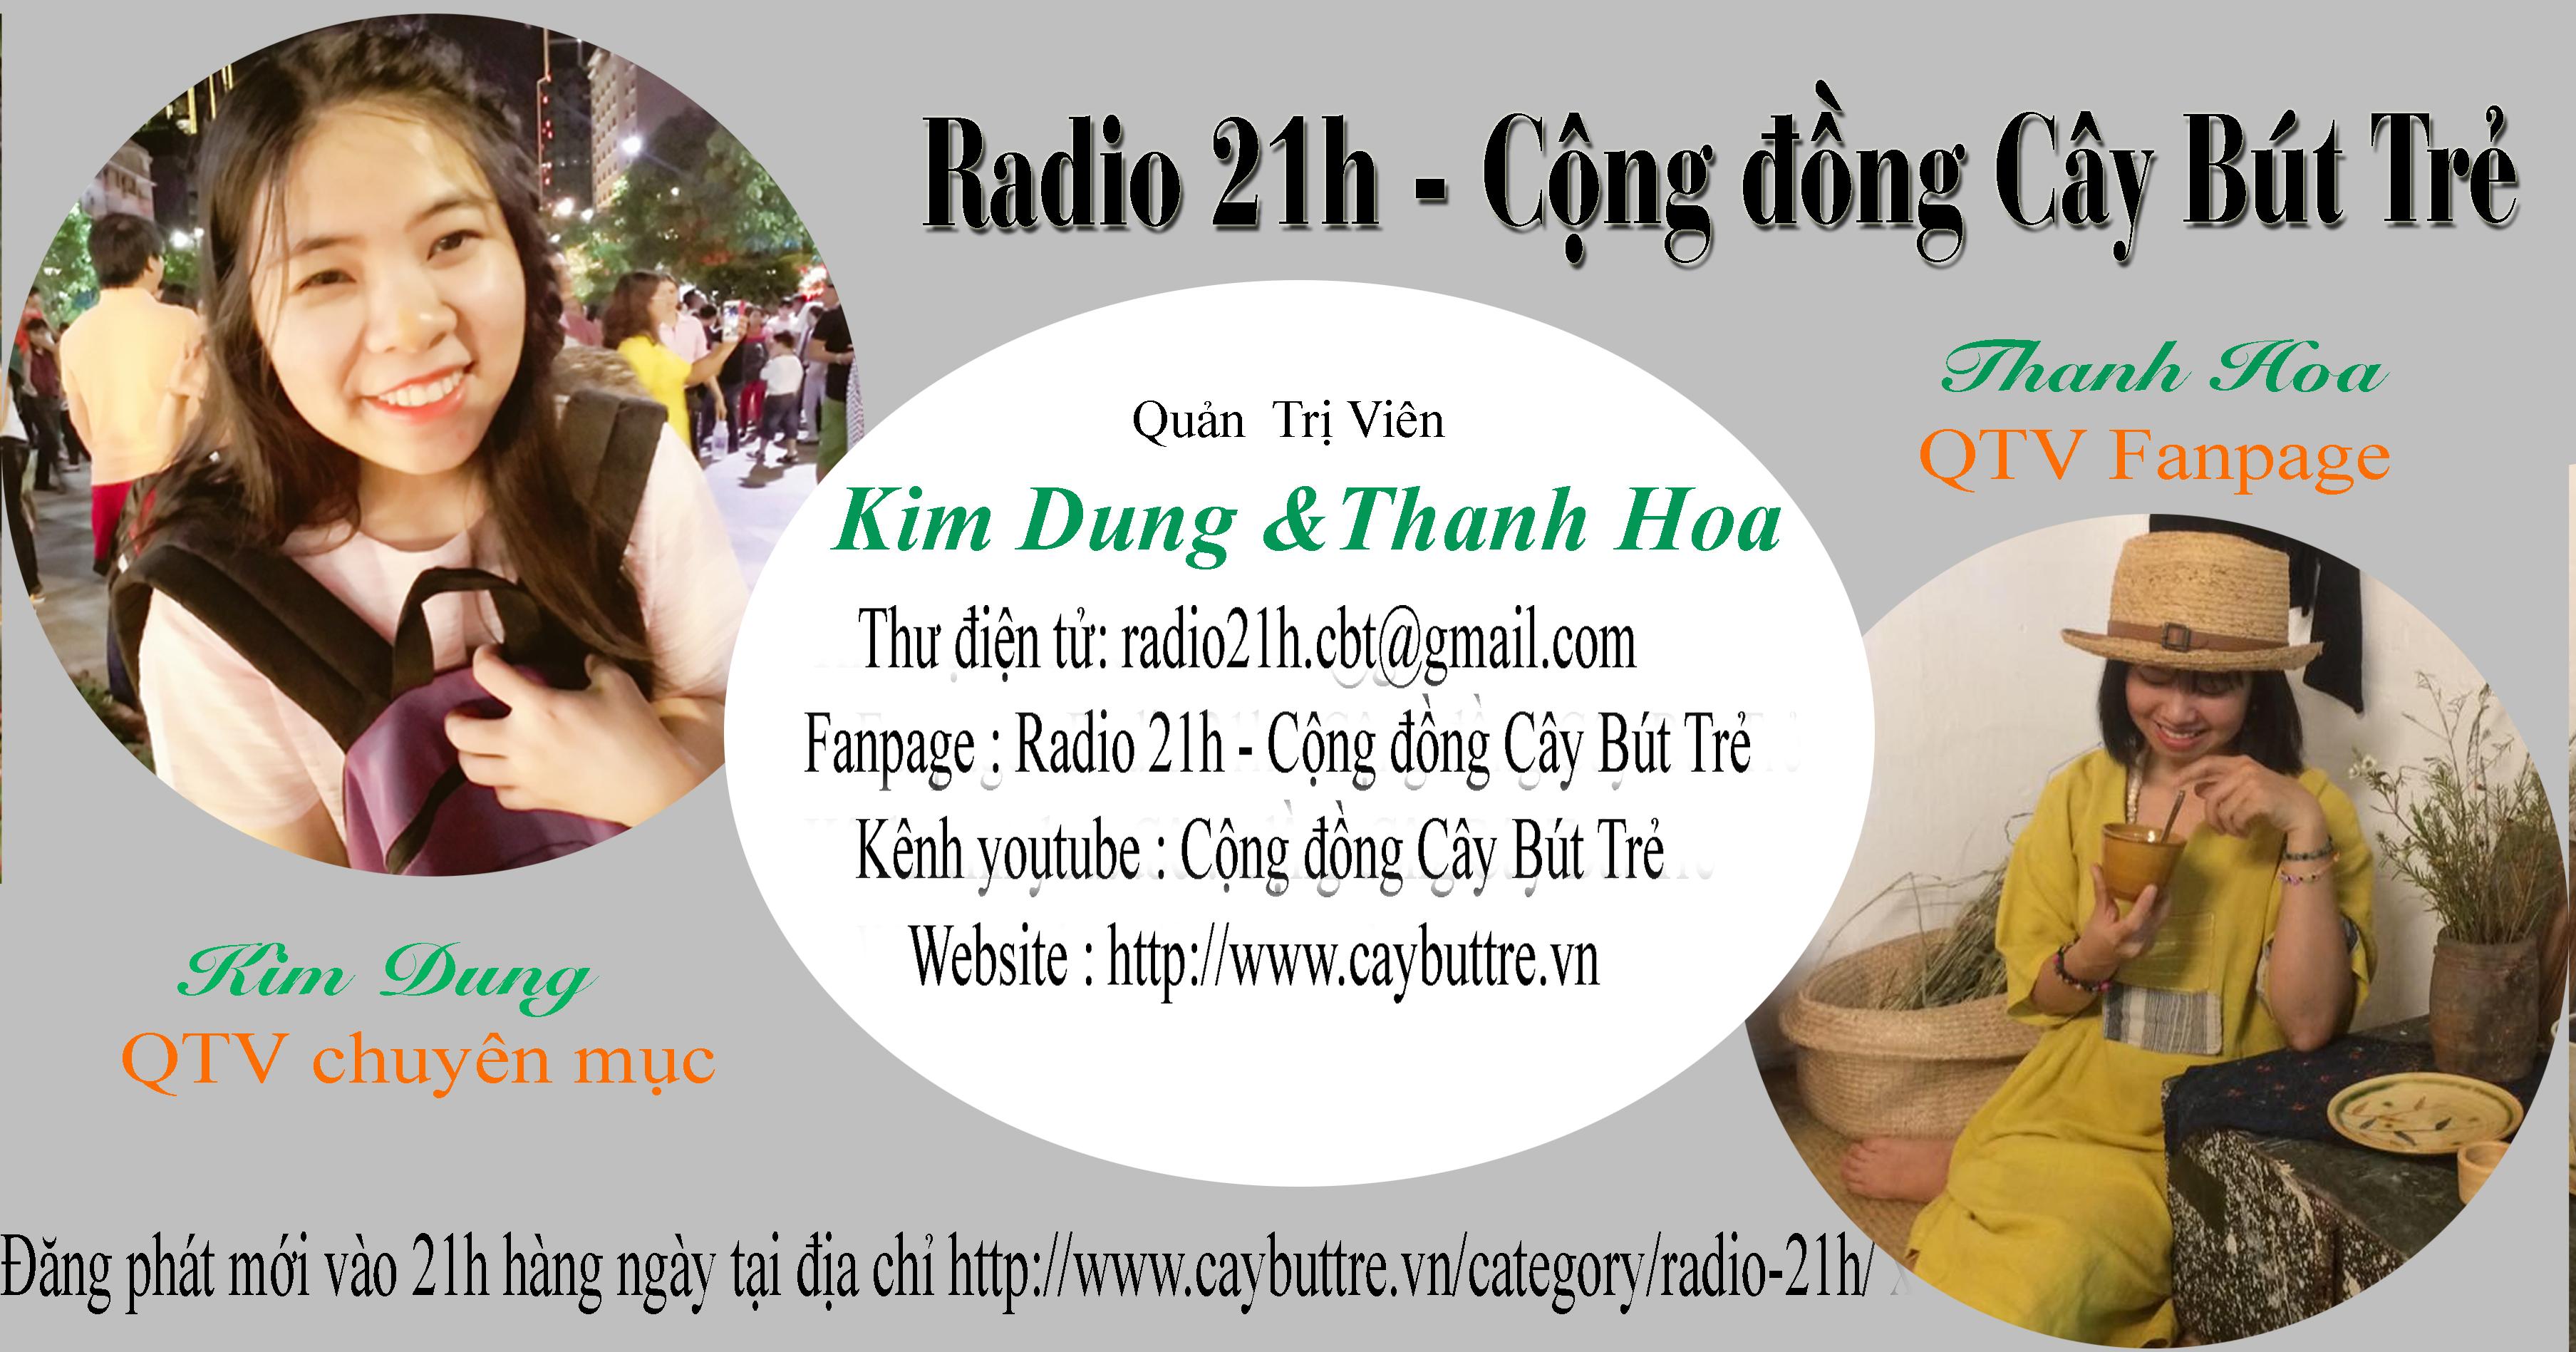 ddd - [Radio 21h] : Thông báo Quản Trị Viên phụ trách chuyên mục